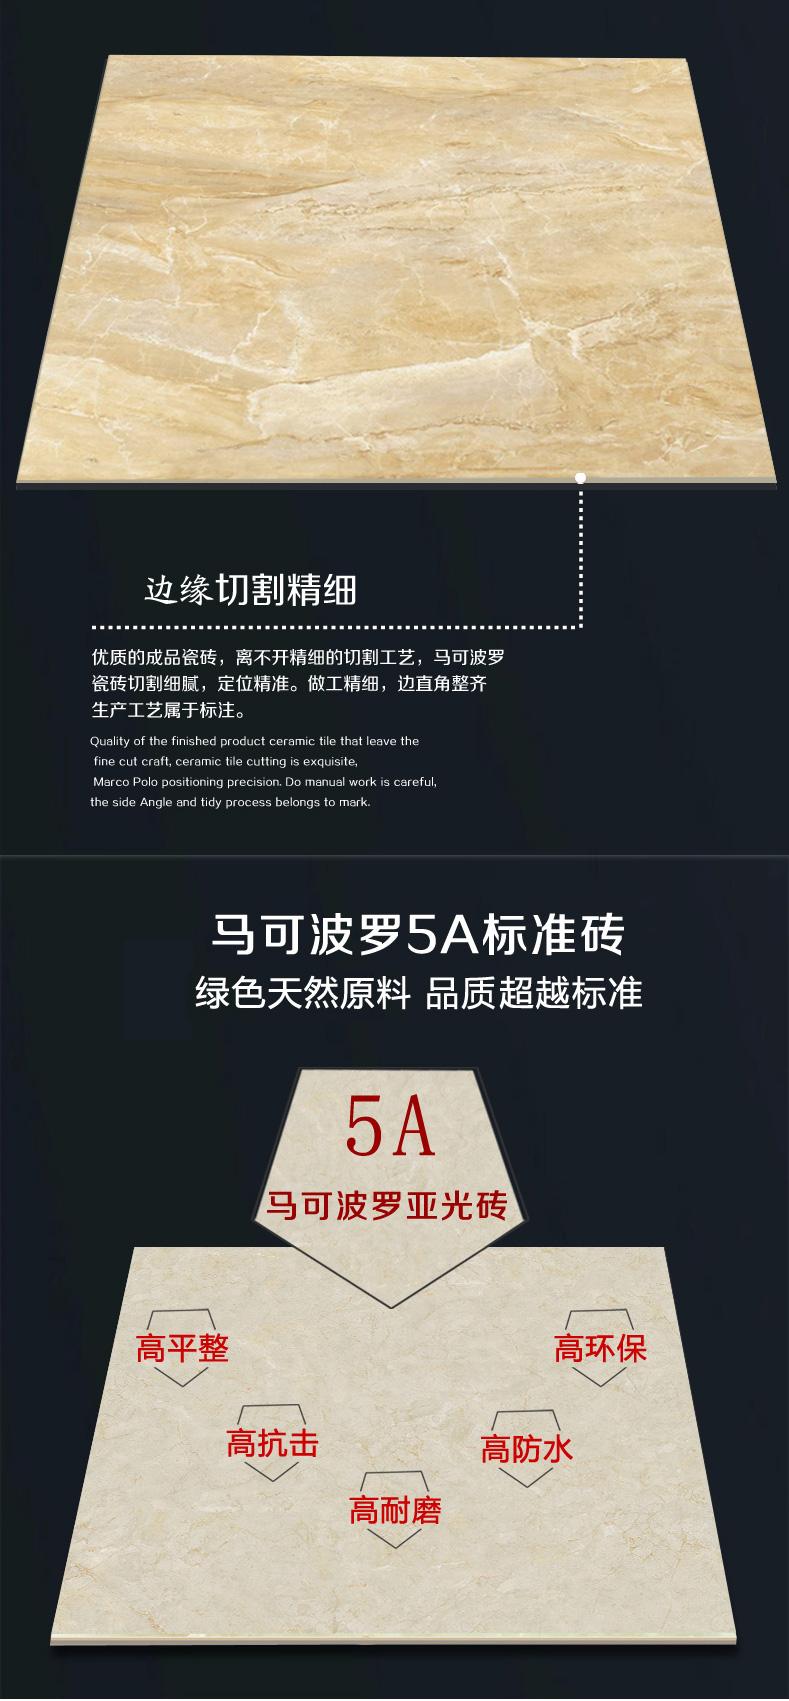 马可波罗瓷砖-凯悦石客厅地砖CZ8312AS_08.jpg